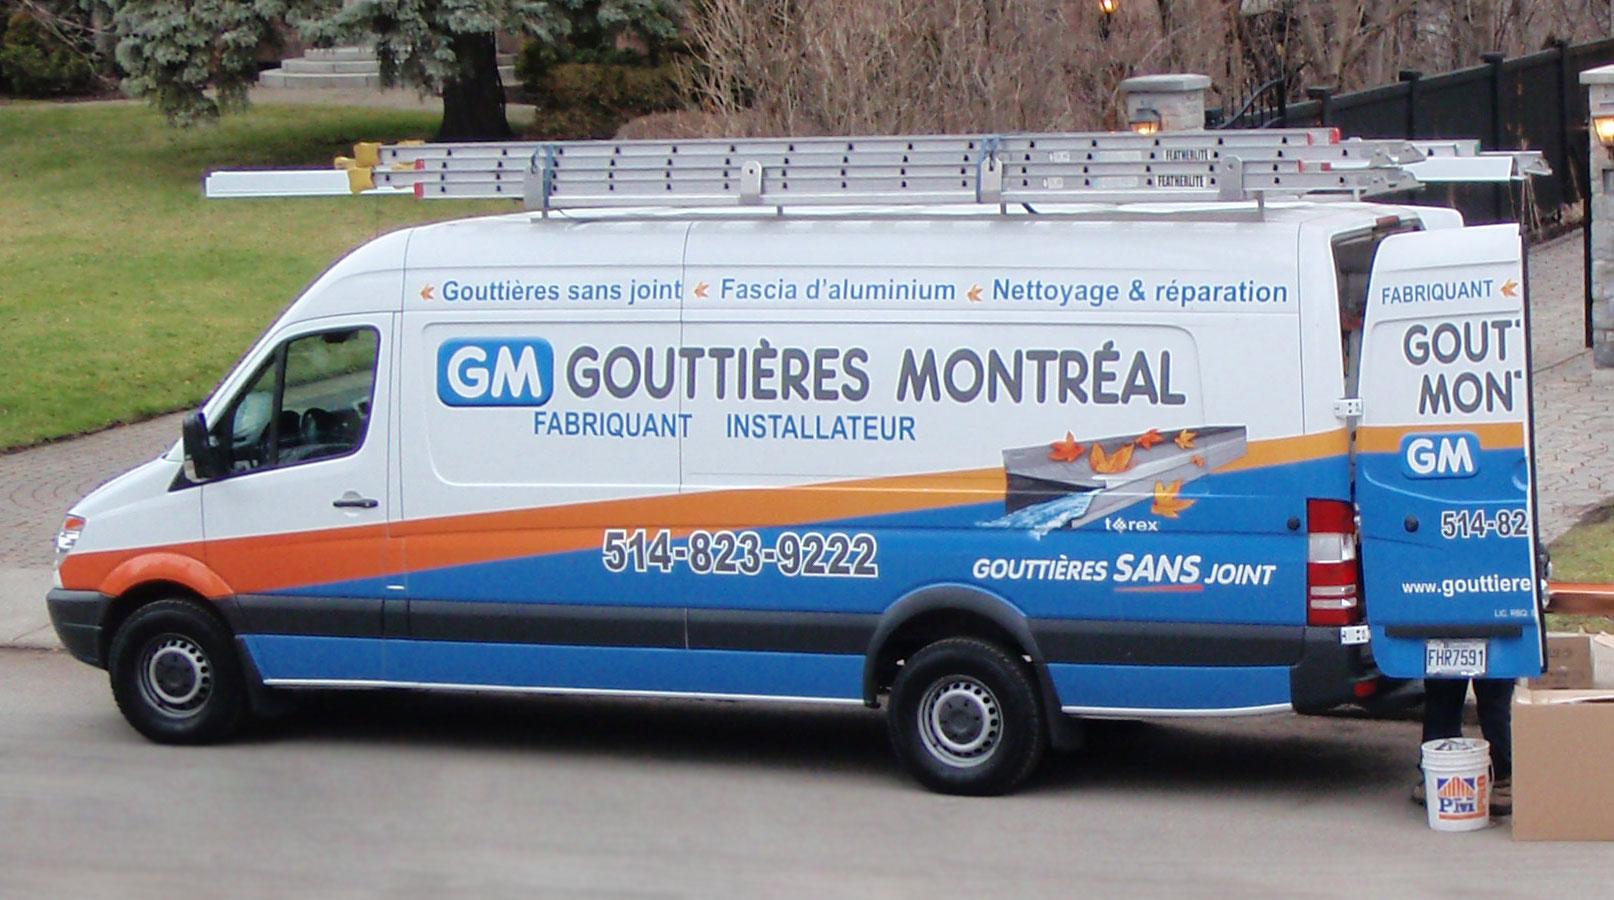 Camion Gouttières Montréal